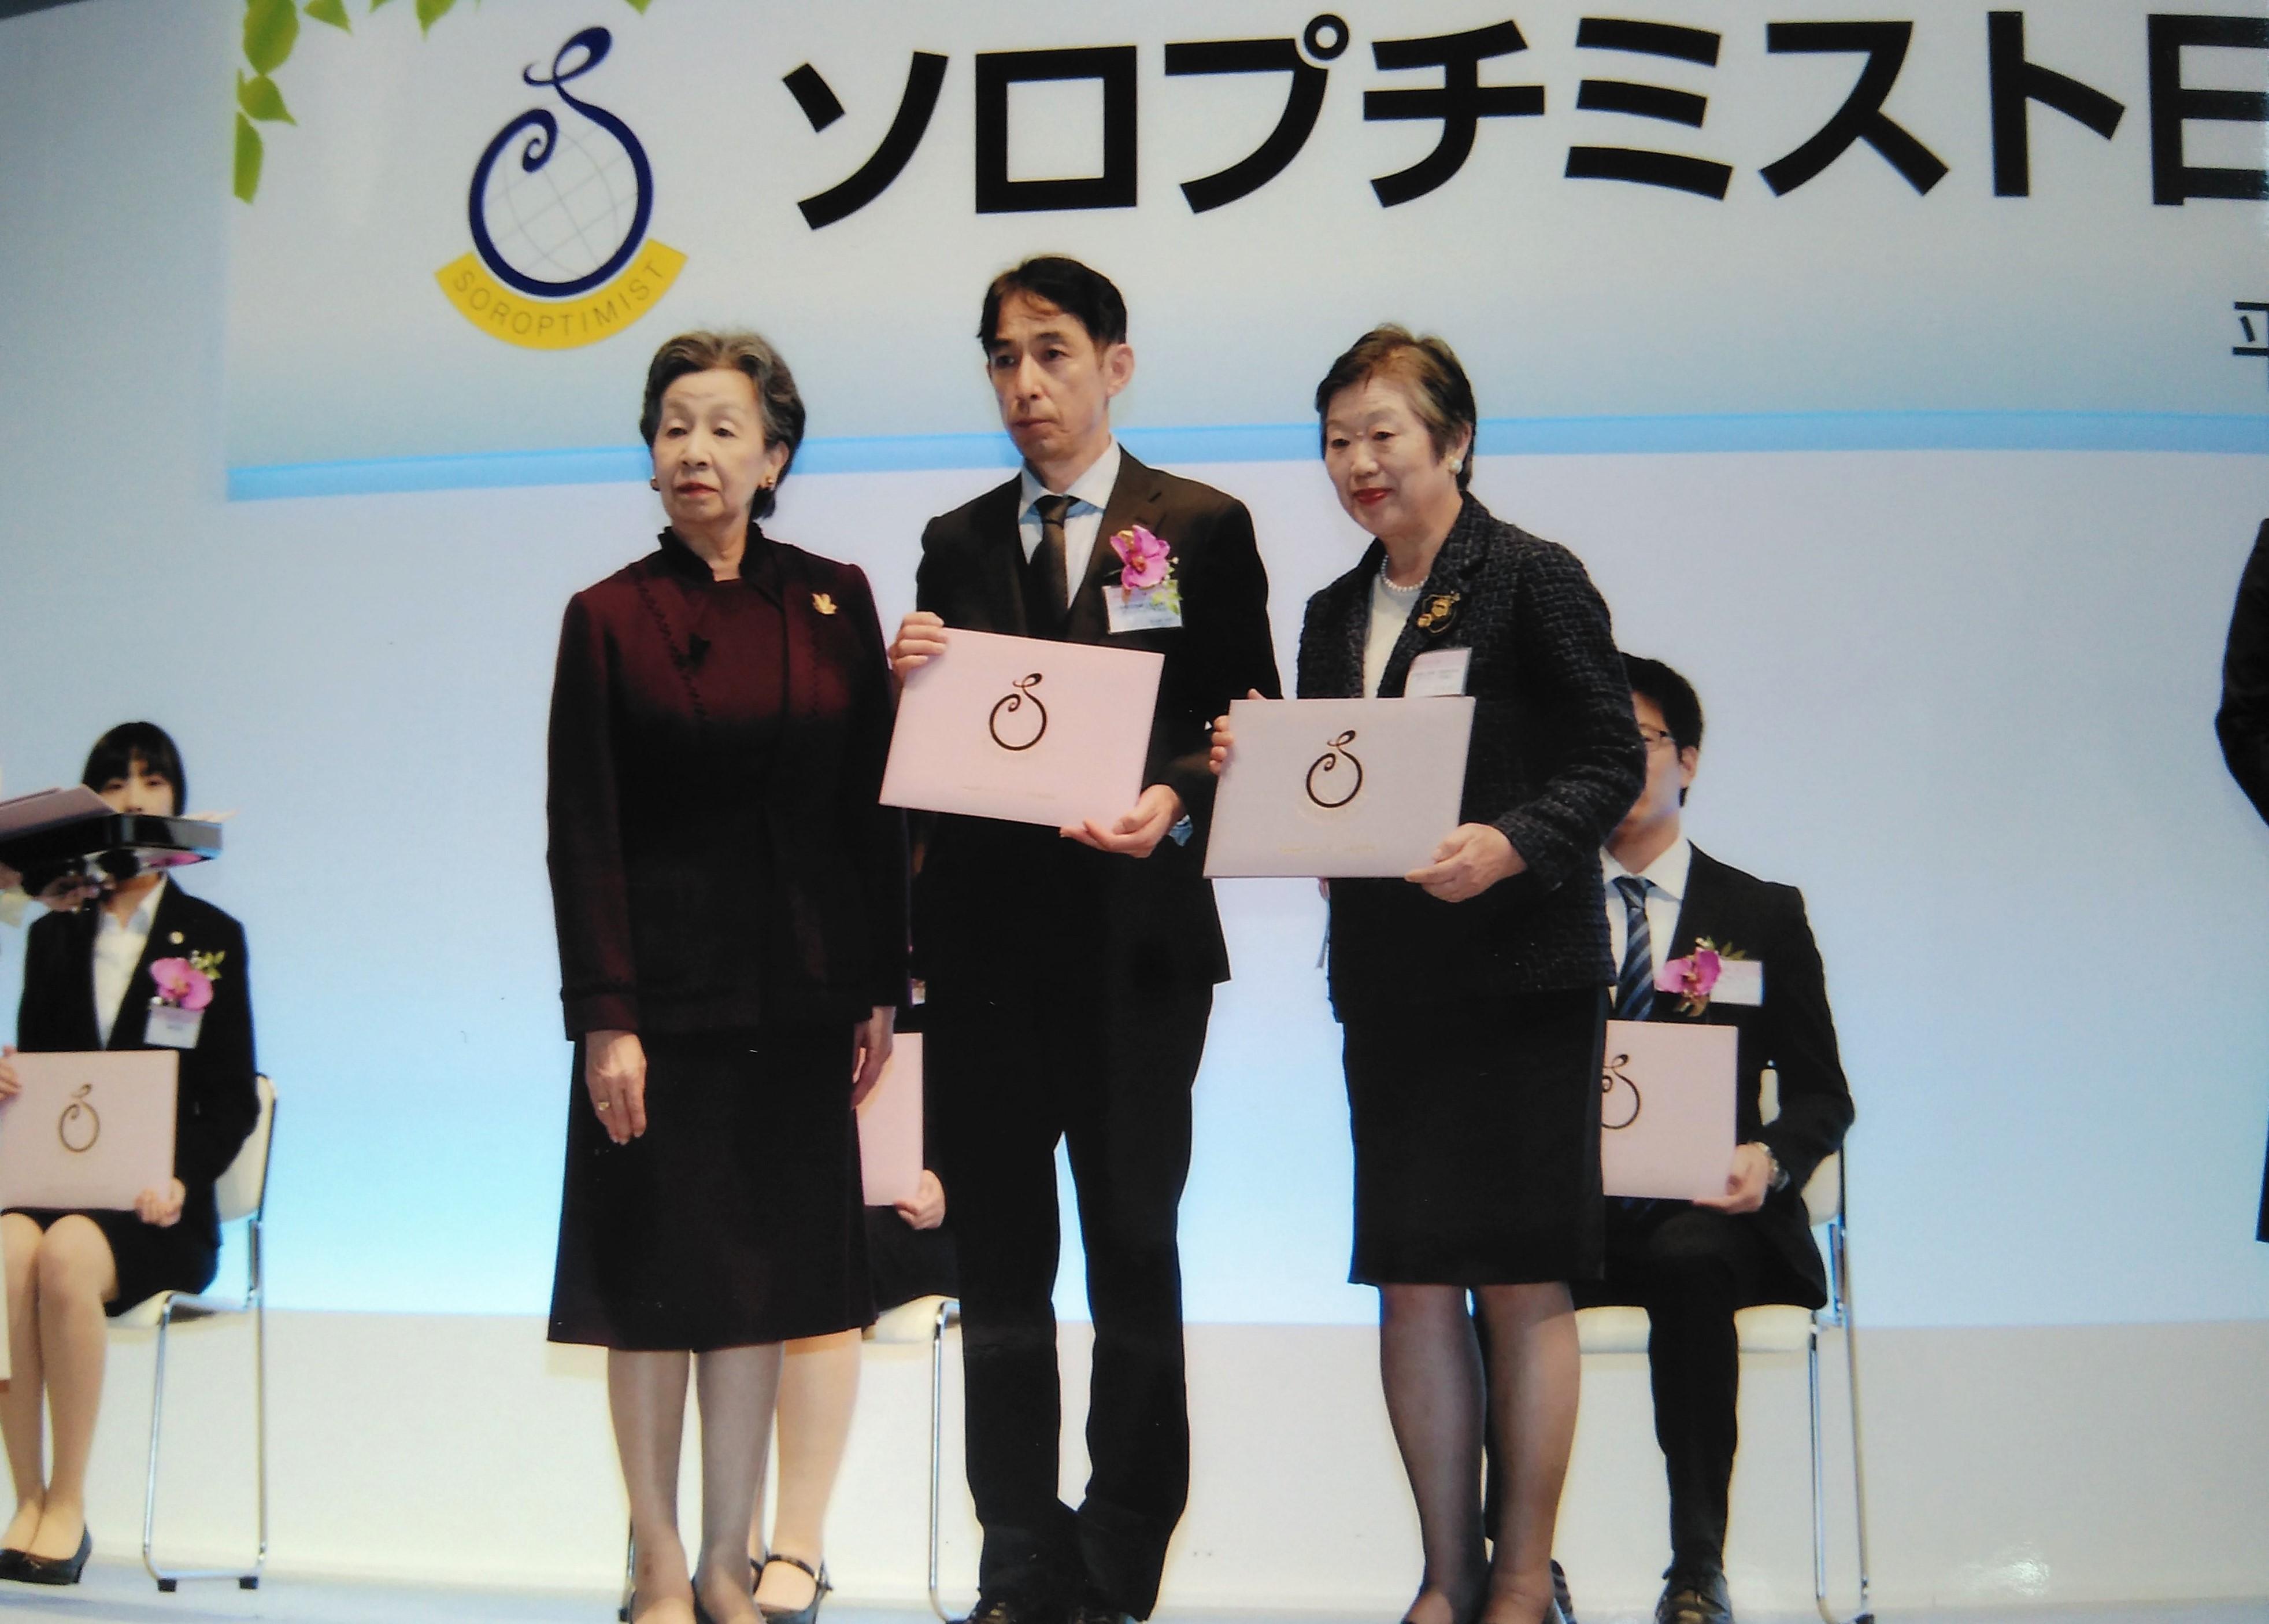 「学生ボランティア賞」受賞